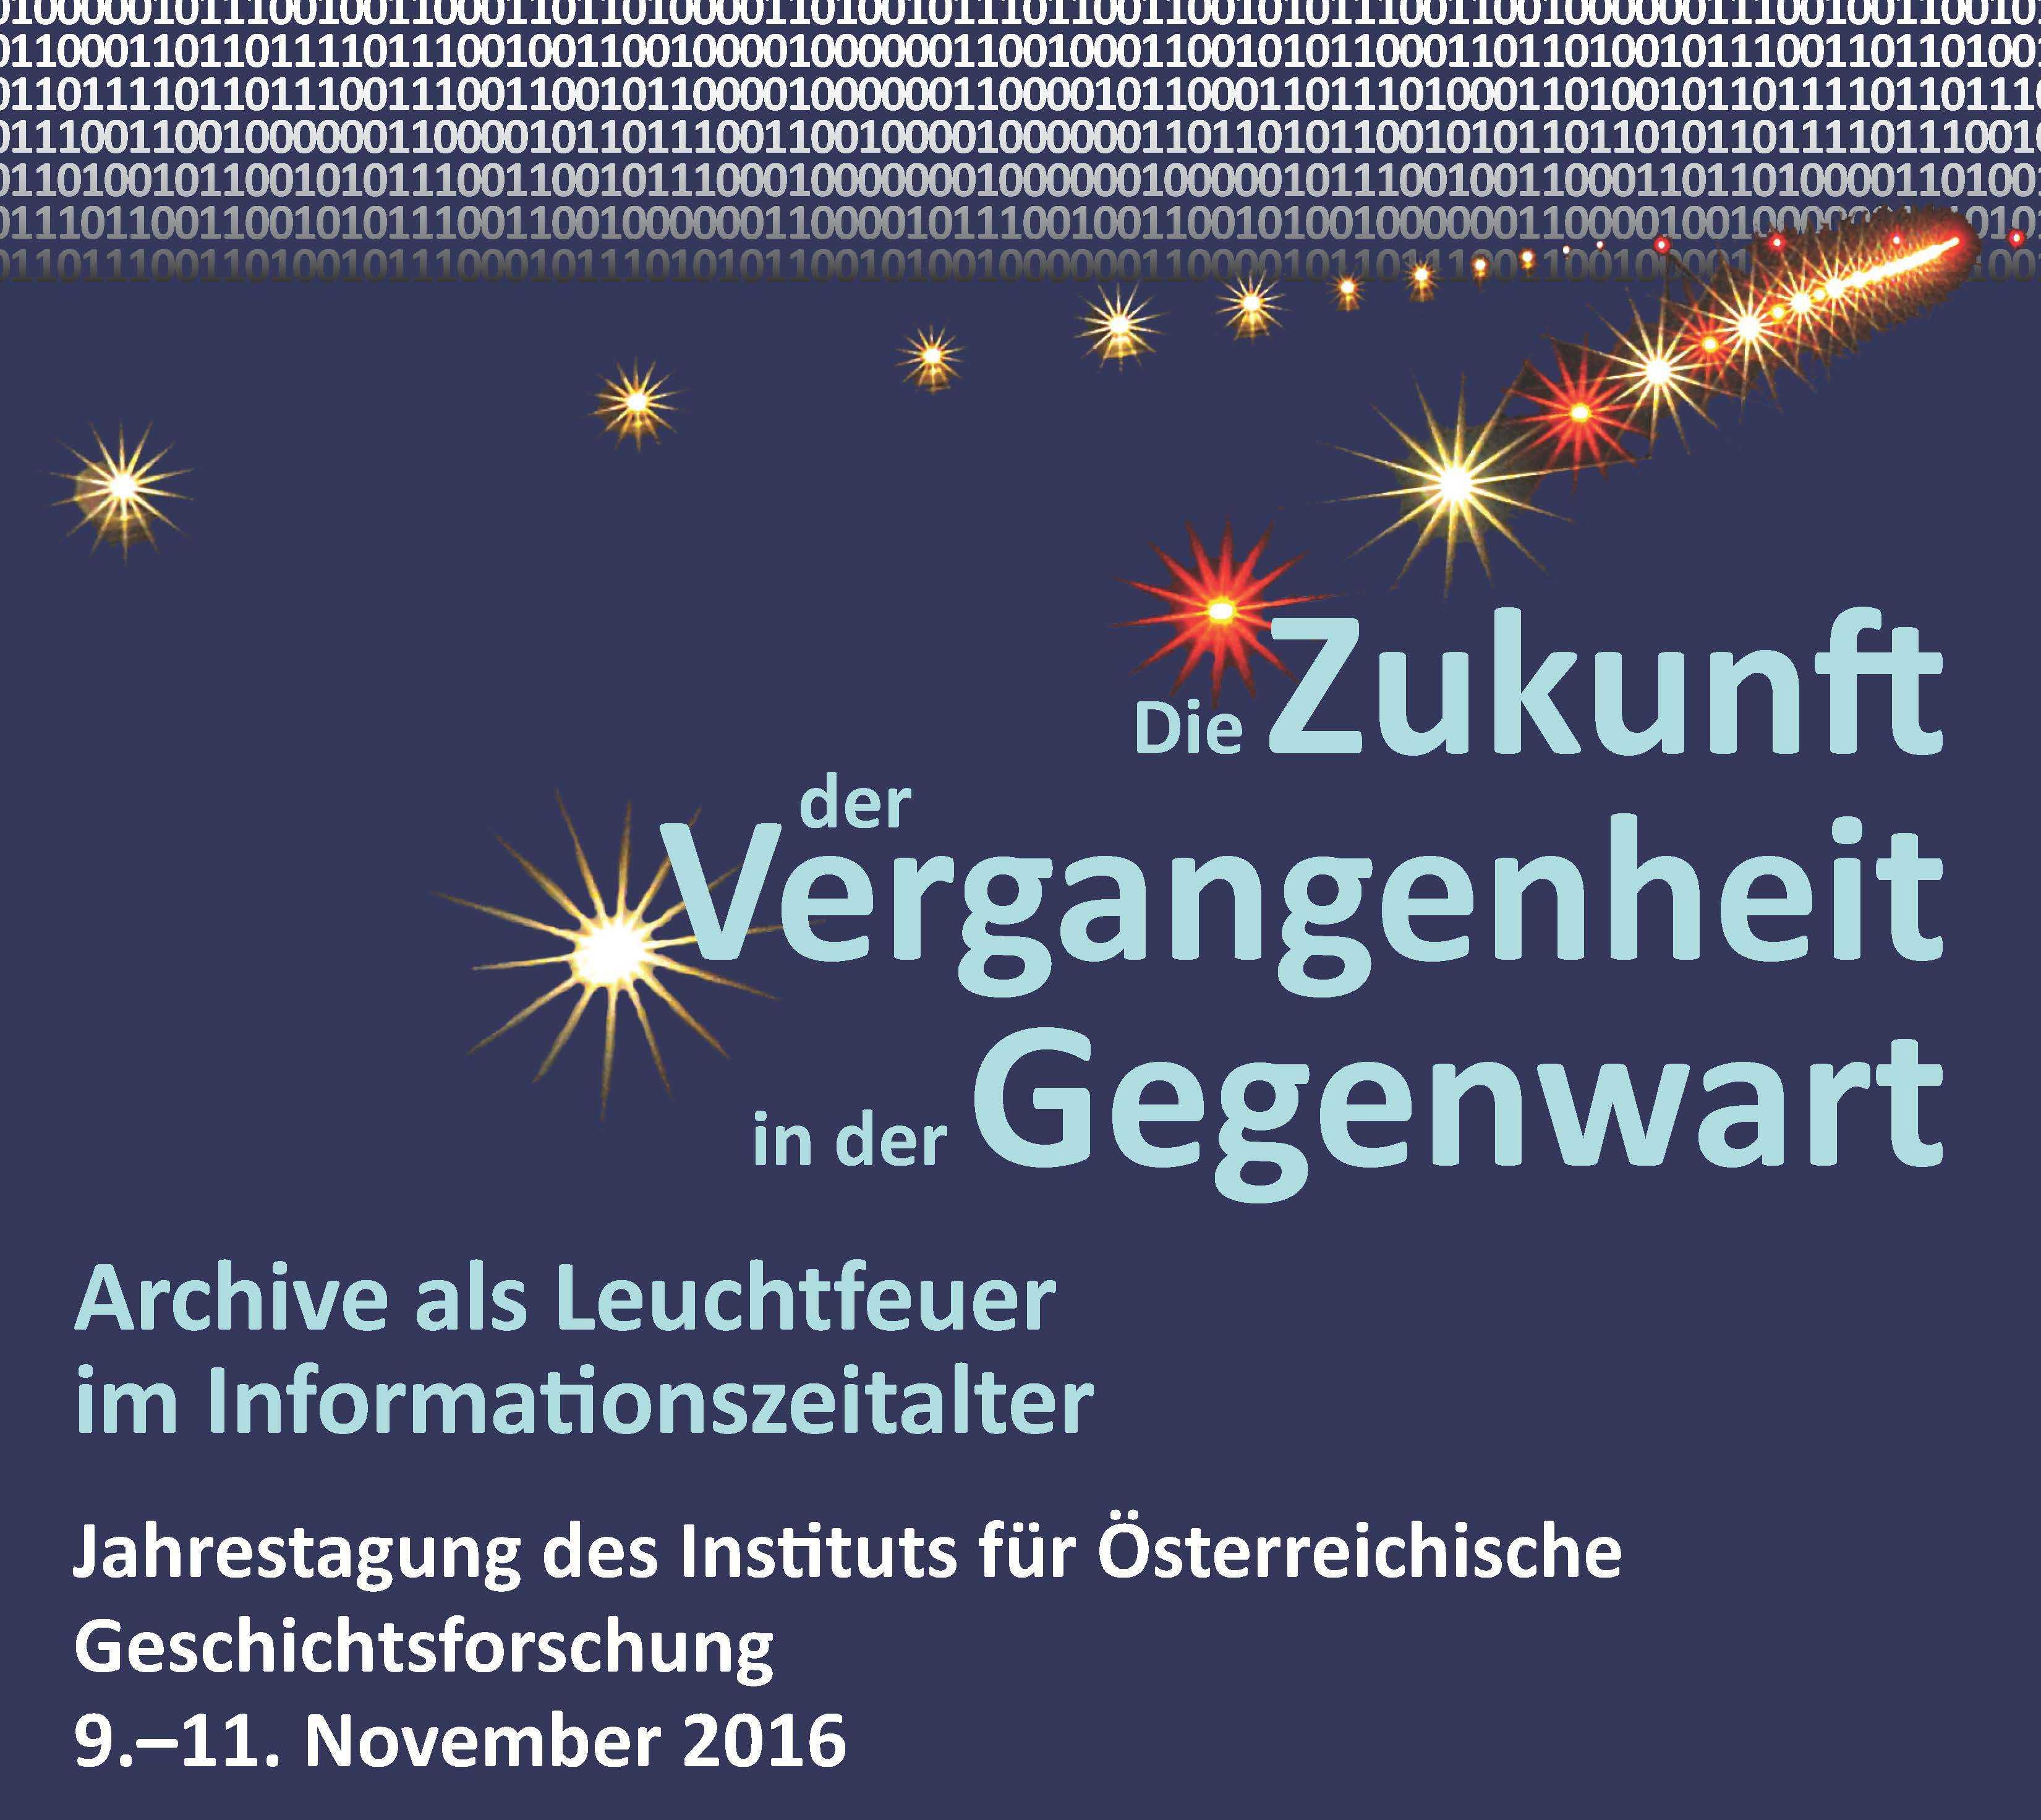 Thumbnail for Jahrestagung des IÖG: Die Zukunft der Vergangenheit in der Gegenwart. Archive als Leuchtfeuer im Informationszeitalter (Wien, 9. – 11. 11. 2016)